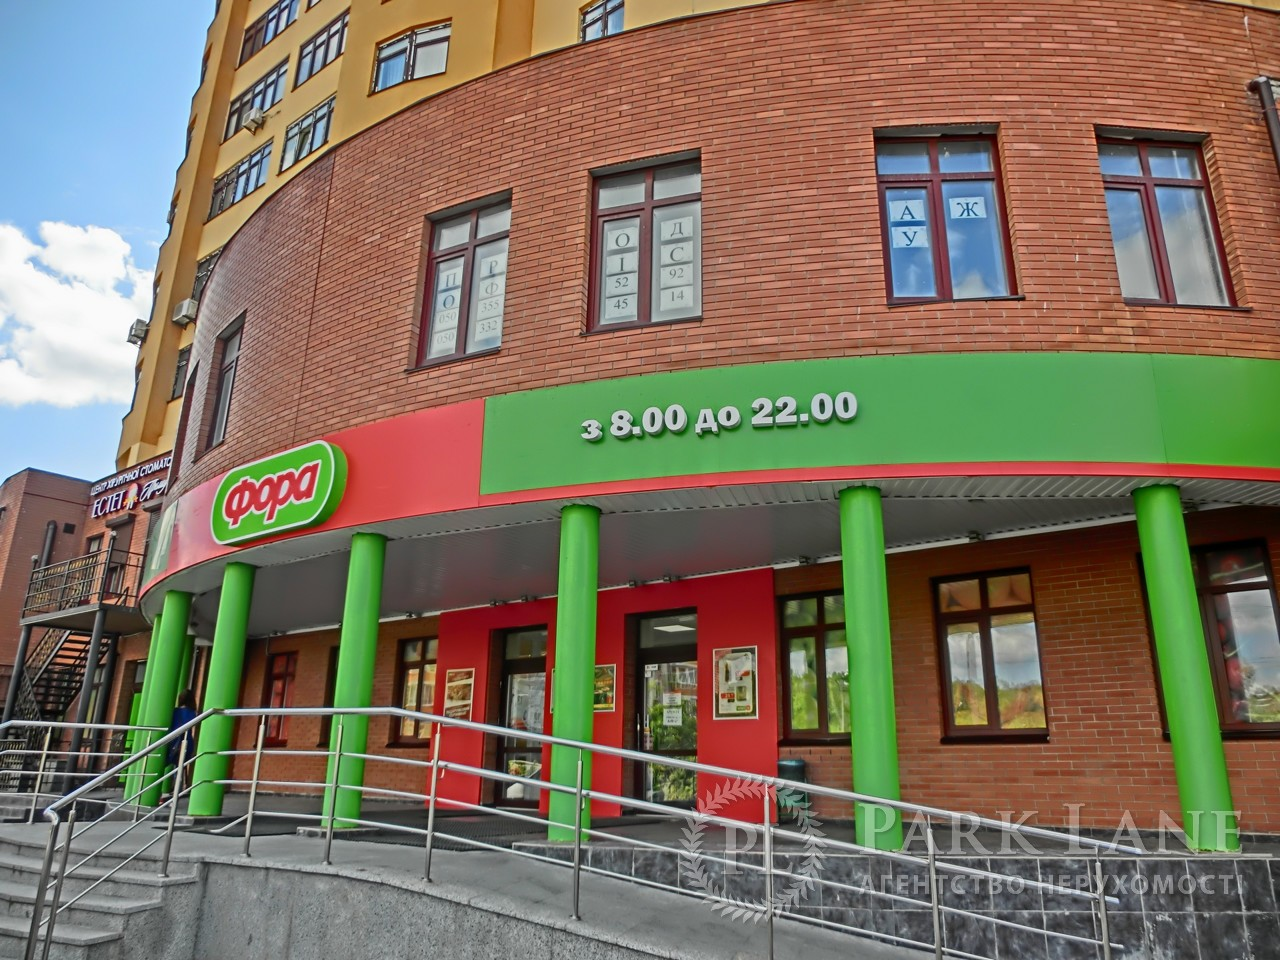 Нежитлове приміщення, B-92359, Вітянська, Вишневе (Києво-Святошинський) - Фото 23